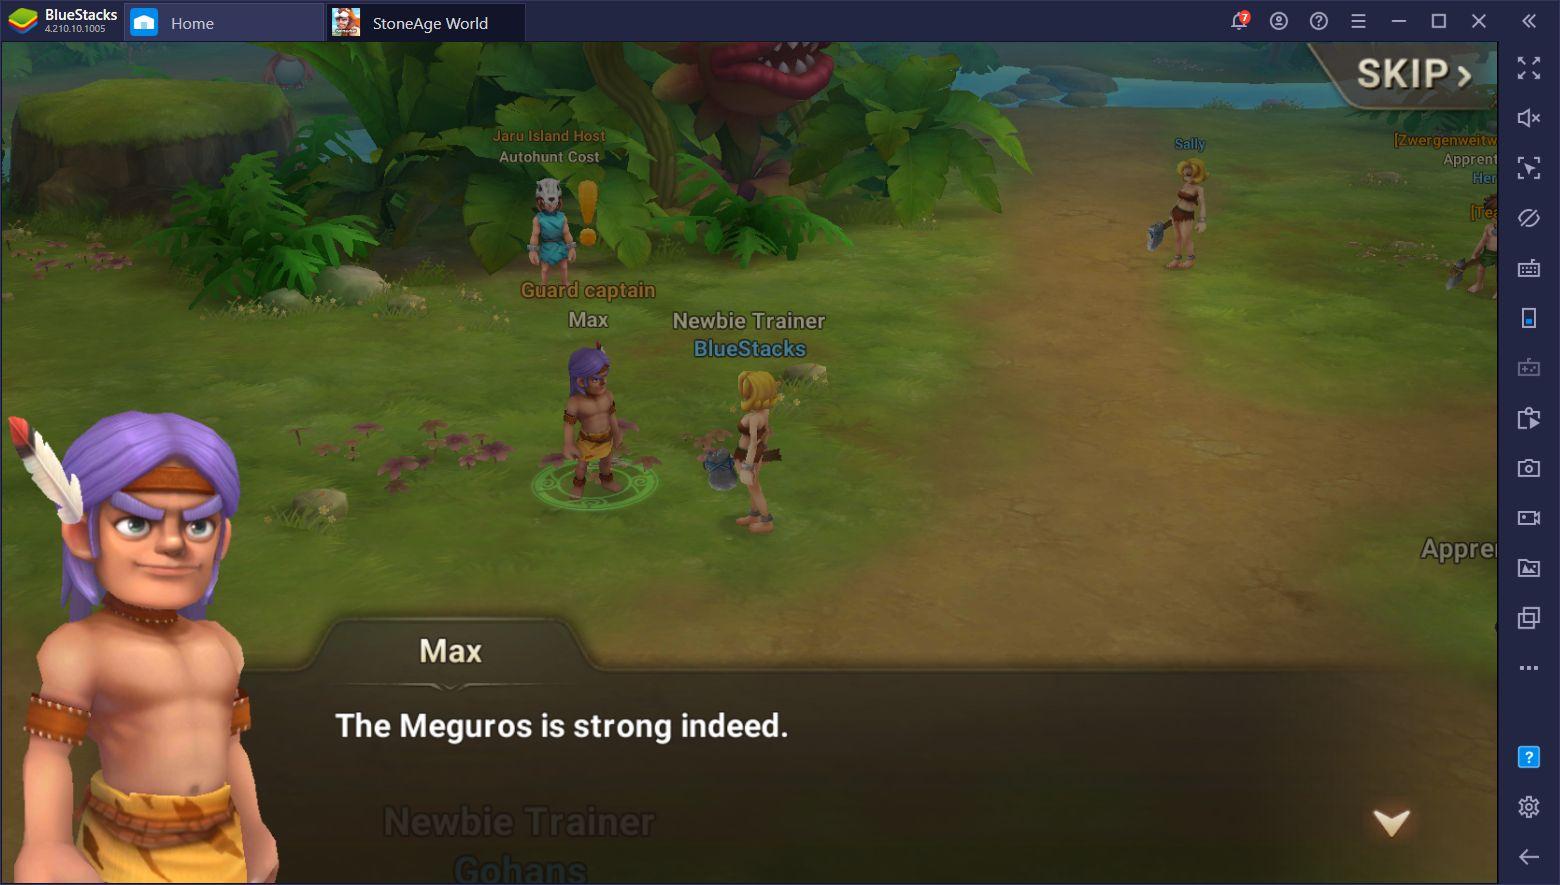 Comment jouer à StoneAge World sur PC avec BlueStacks